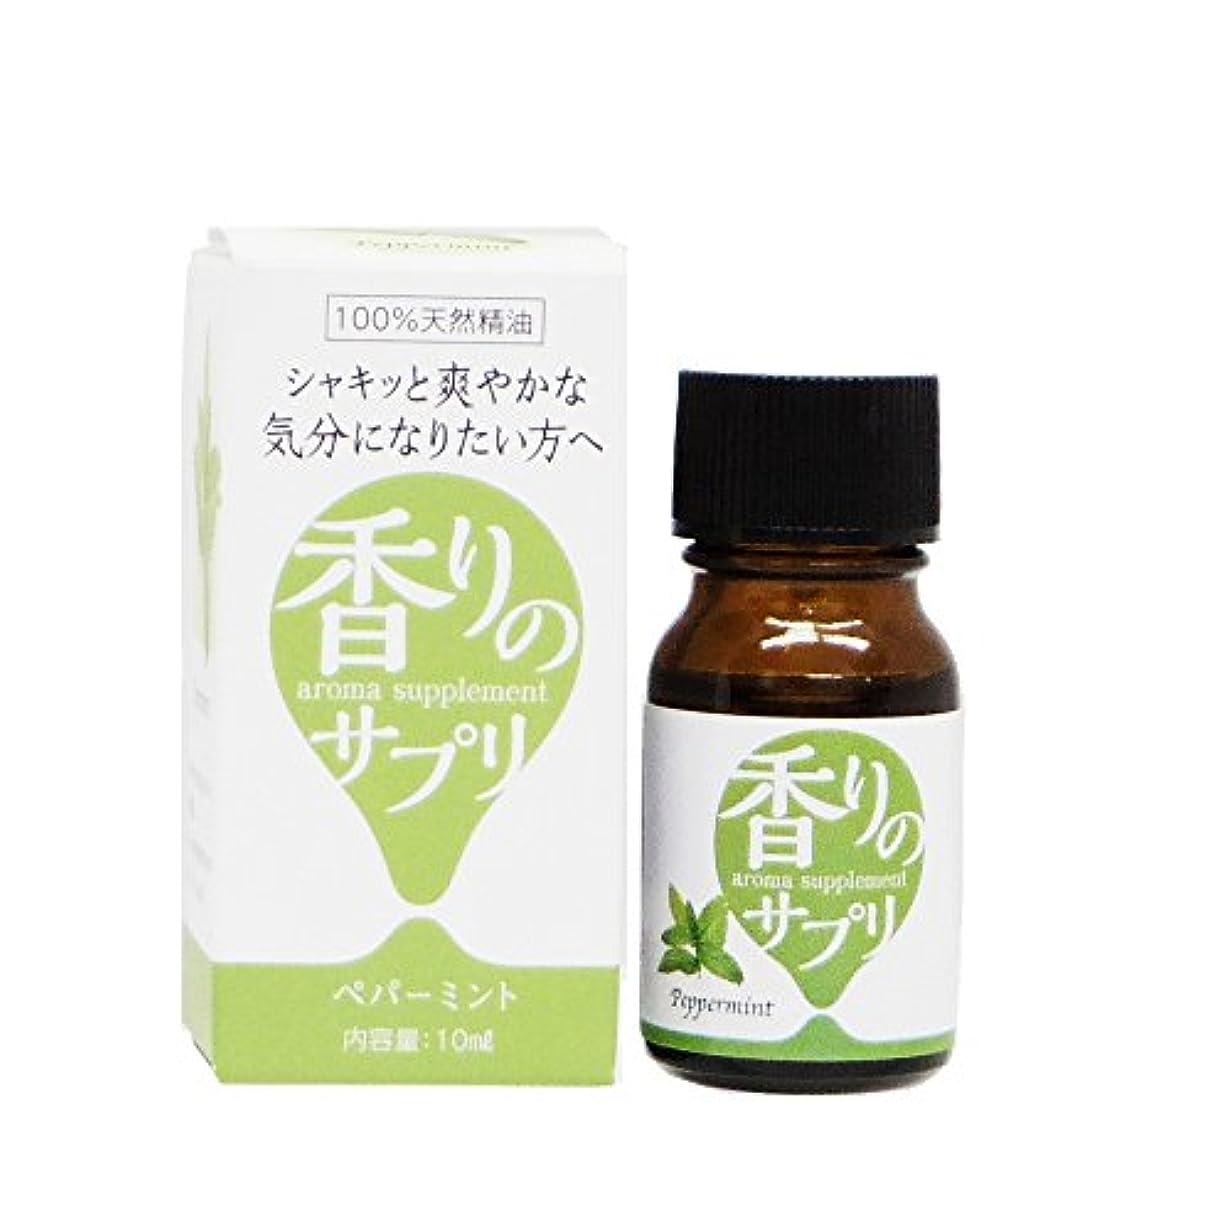 変化管理しますまさに香りのサプリ ペパーミント エッセンシャルオイル10ml 384218